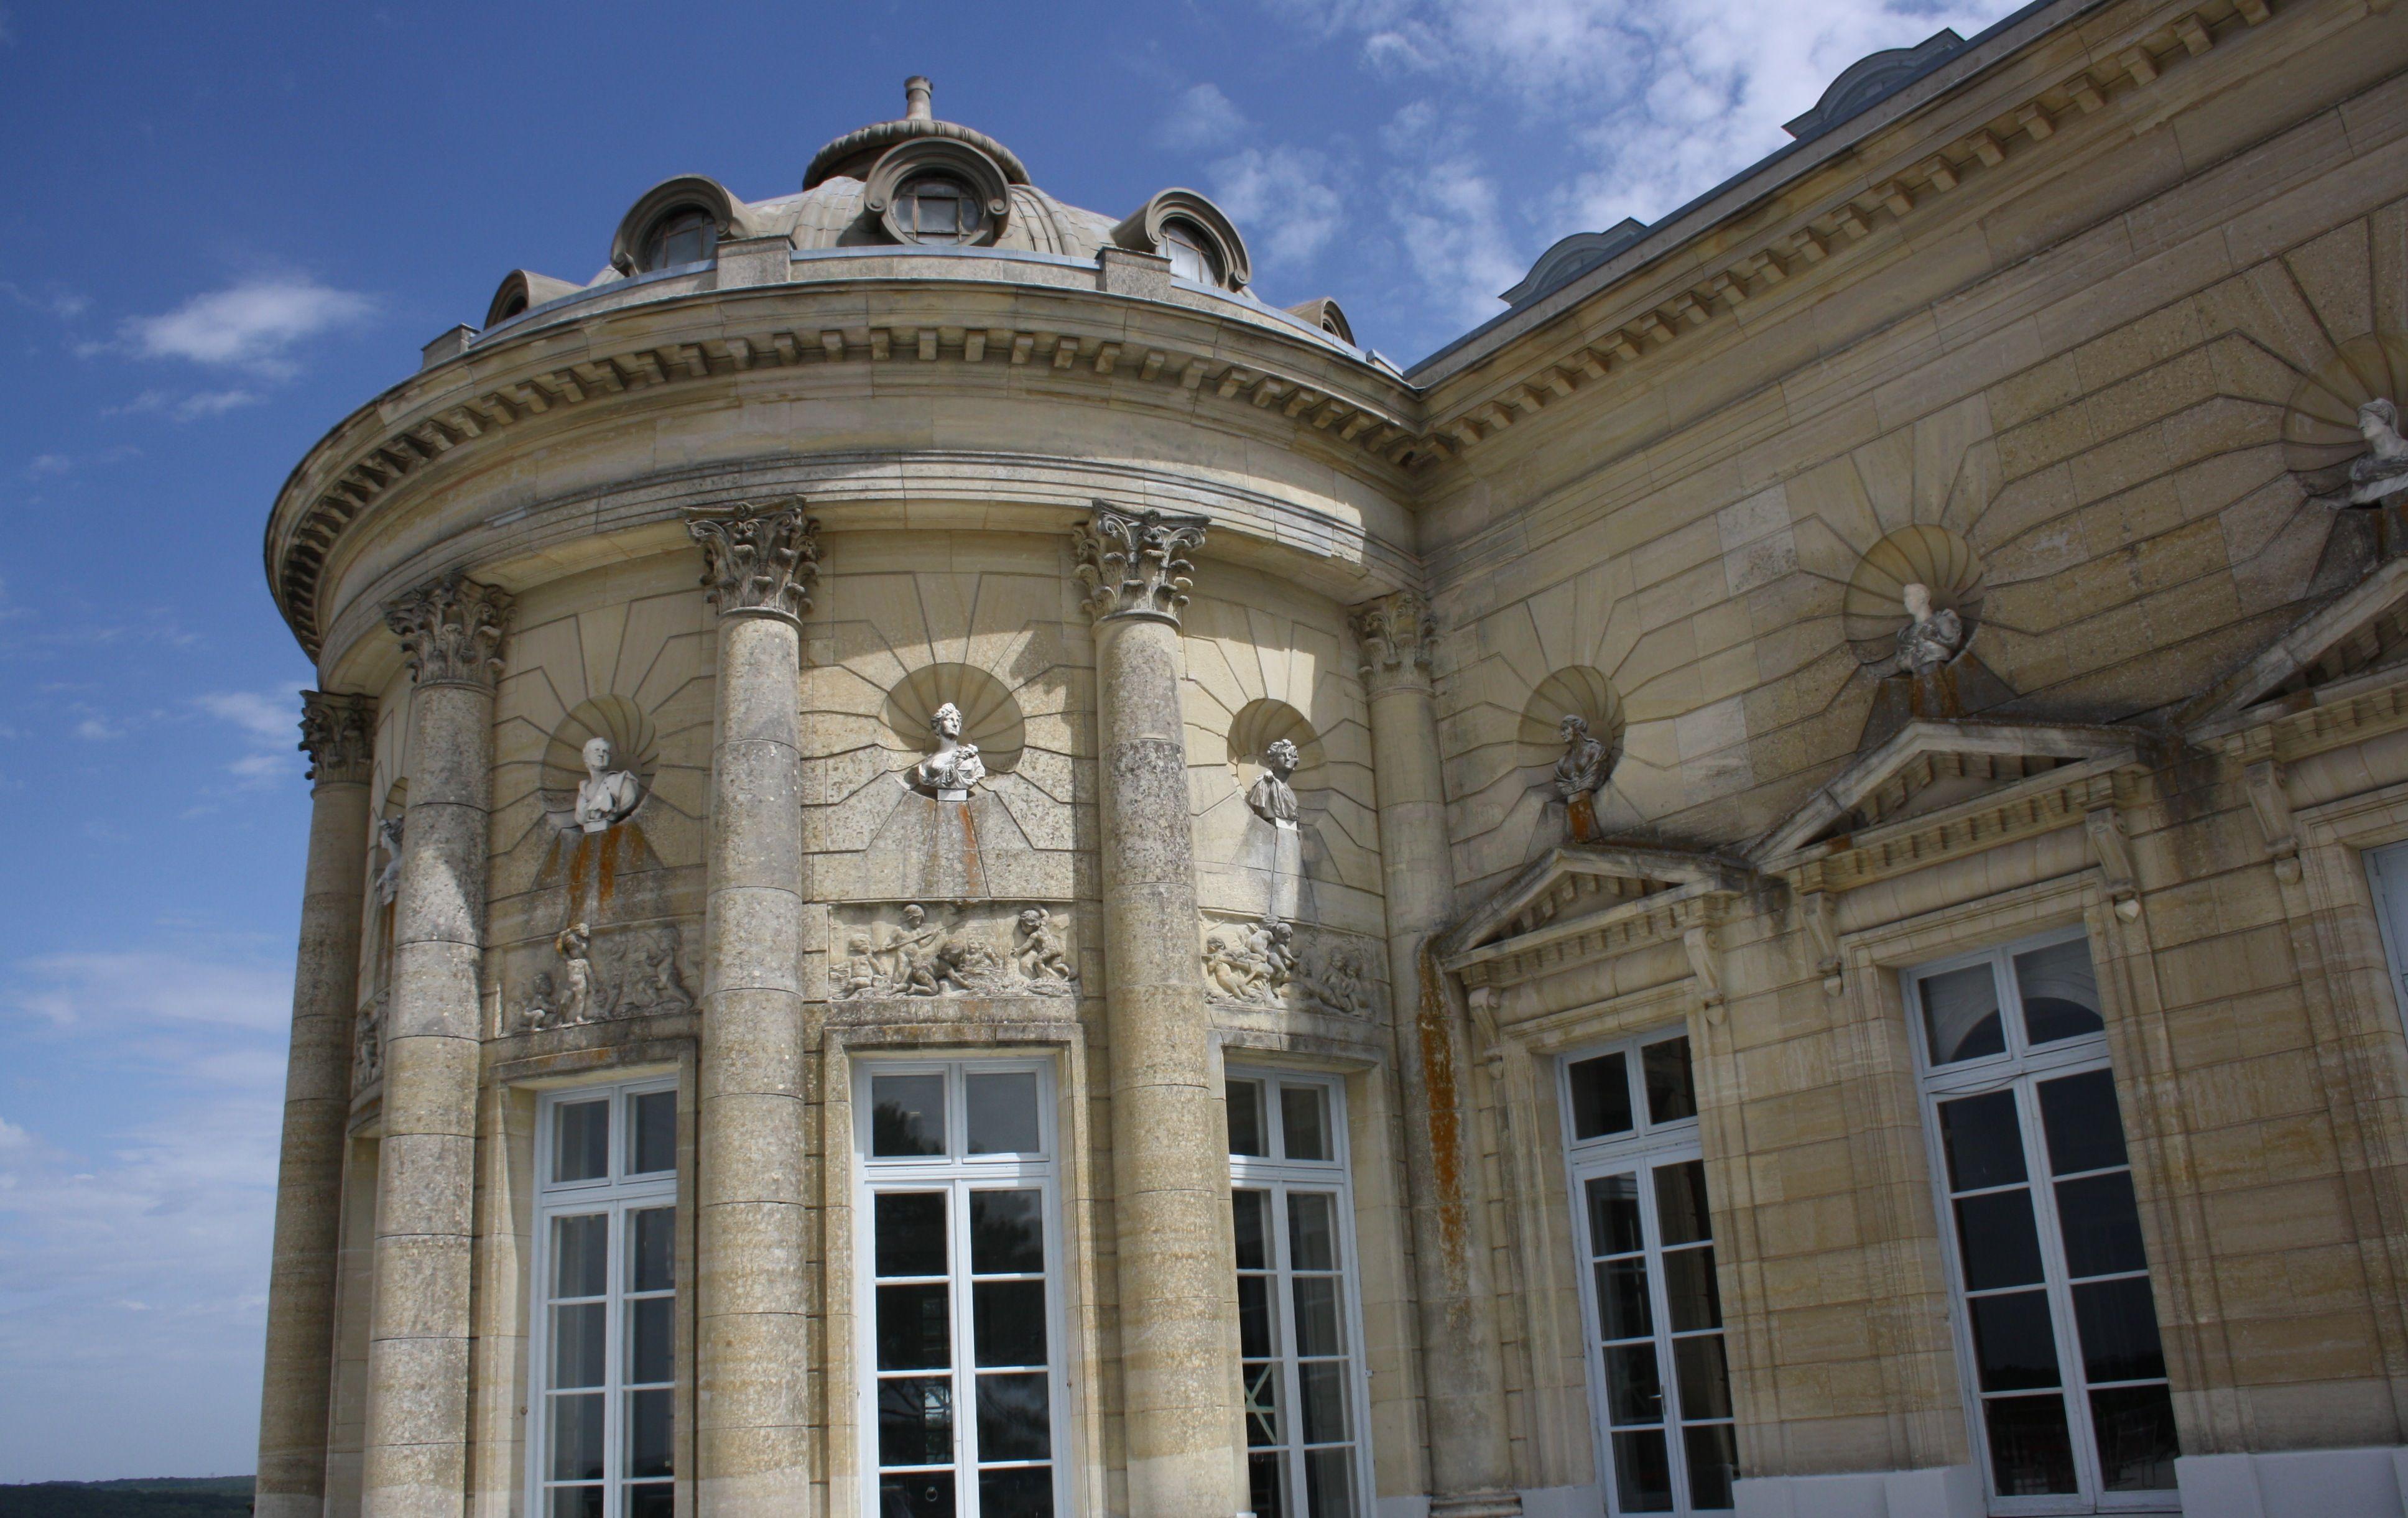 Chateau de rochefort en yvelines a r c h i t e c t u r e for Chateau des yvelines